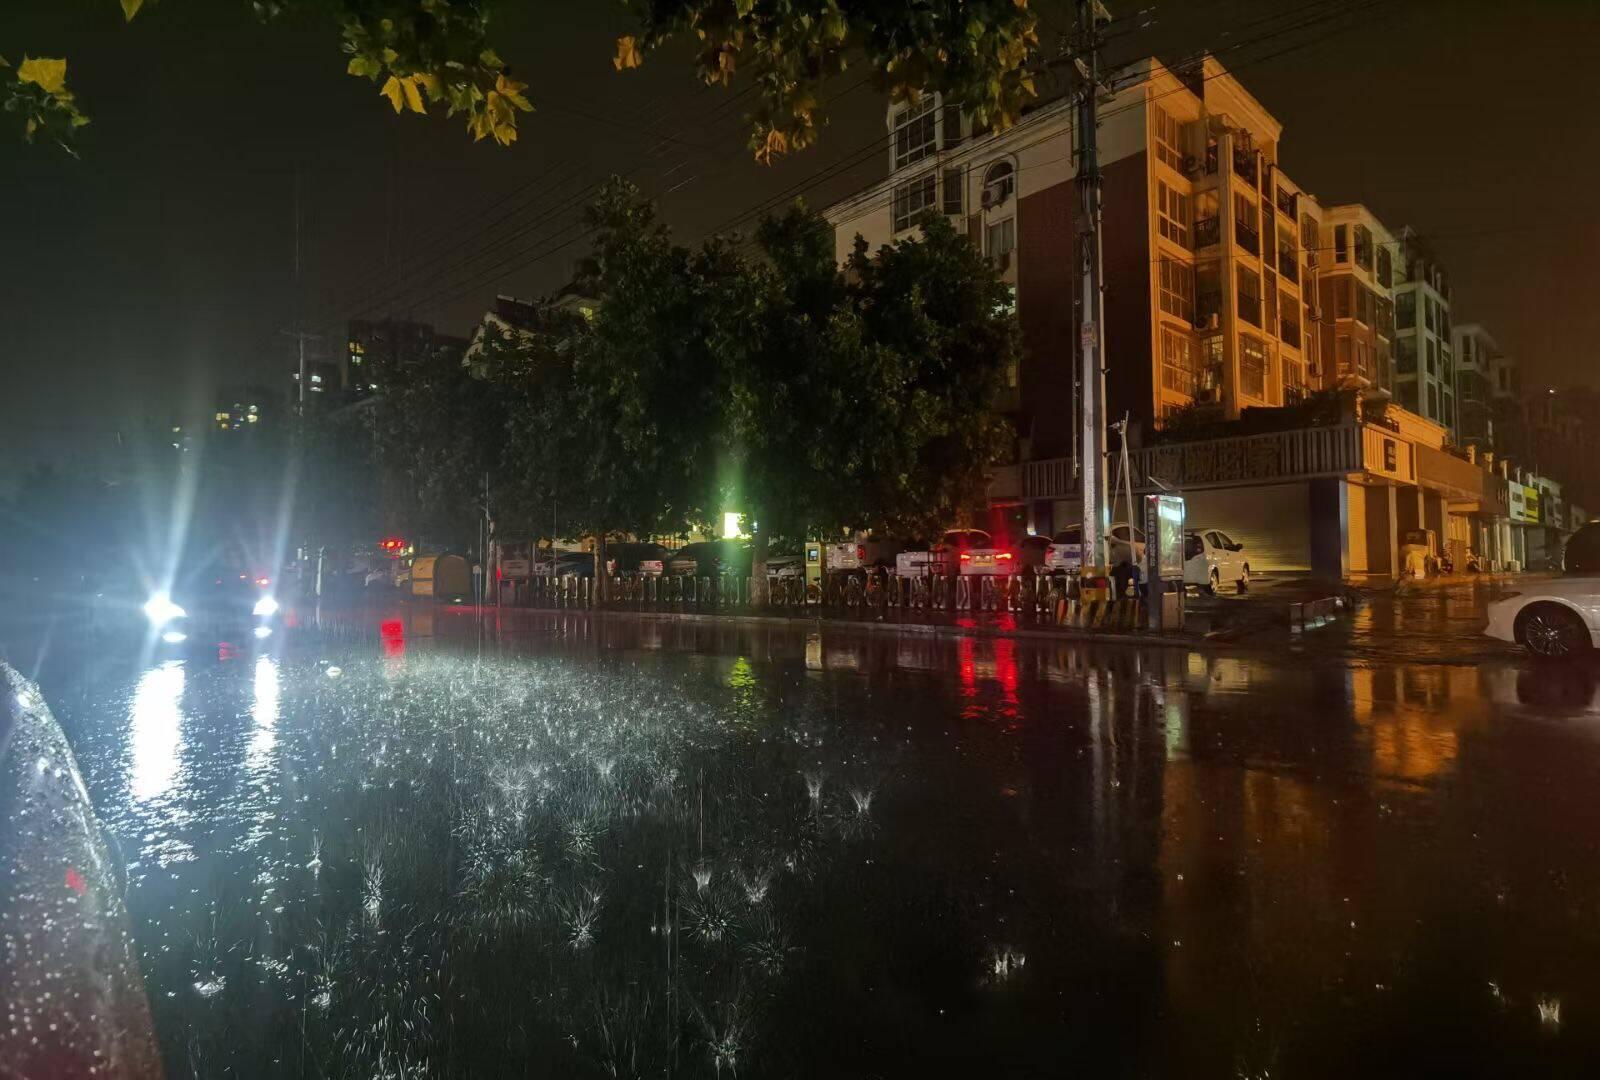 东明、枣庄局地出现大暴雨 鲁东南、鲁中东部、半岛南部今天大到暴雨局部大暴雨